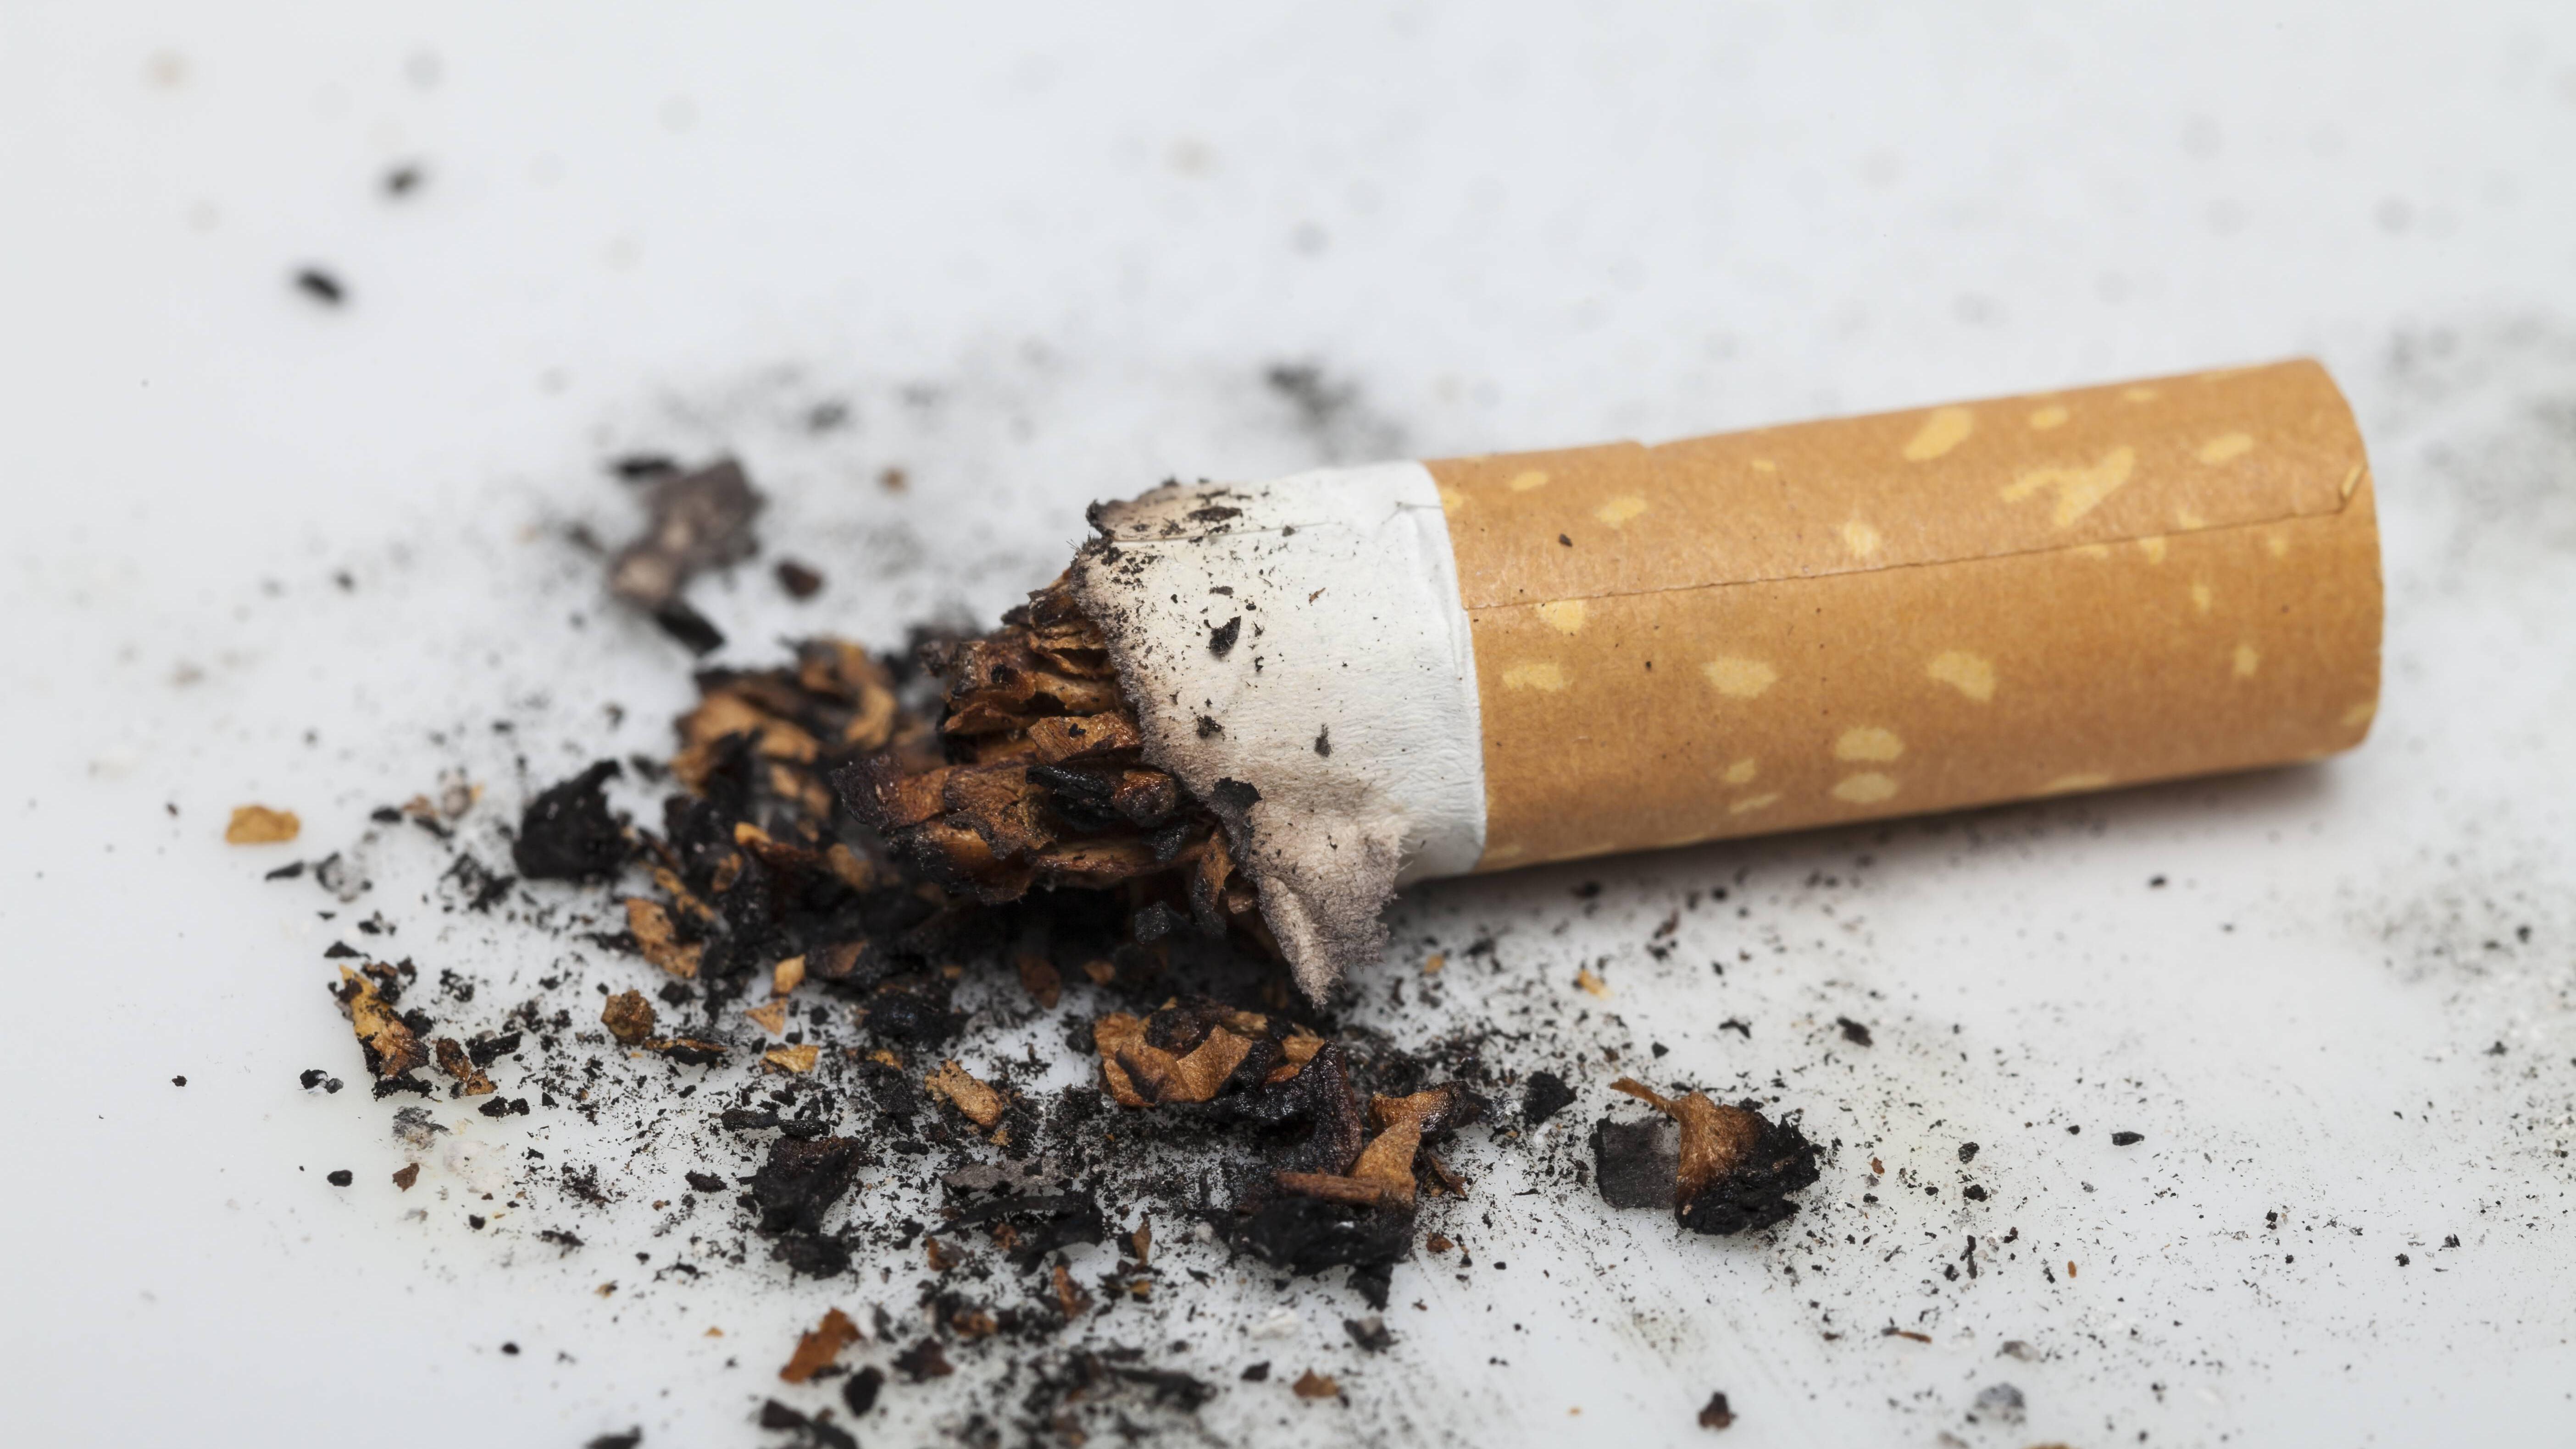 Nikotinflecken entfernen: Mit diesen Hausmitteln klappt's